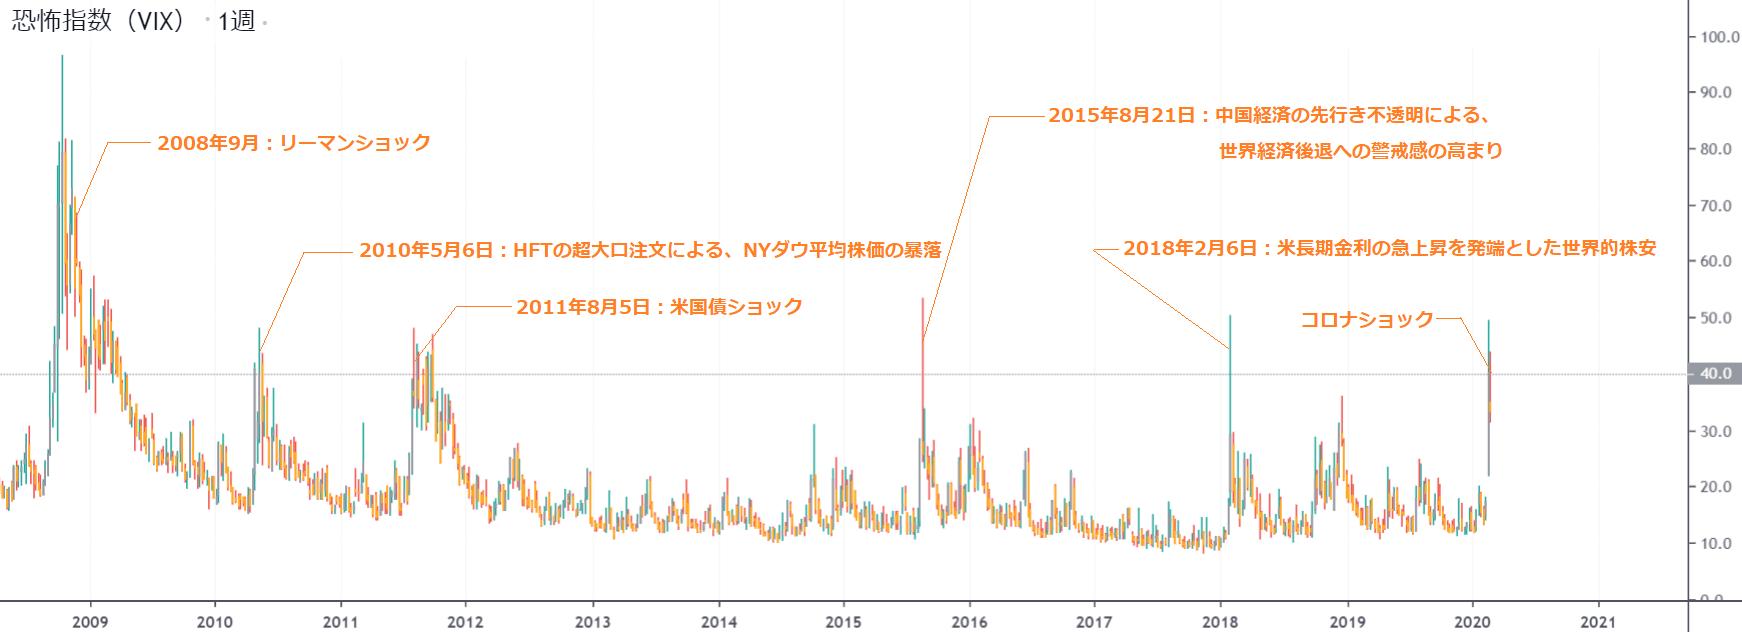 VIX(恐怖指数)